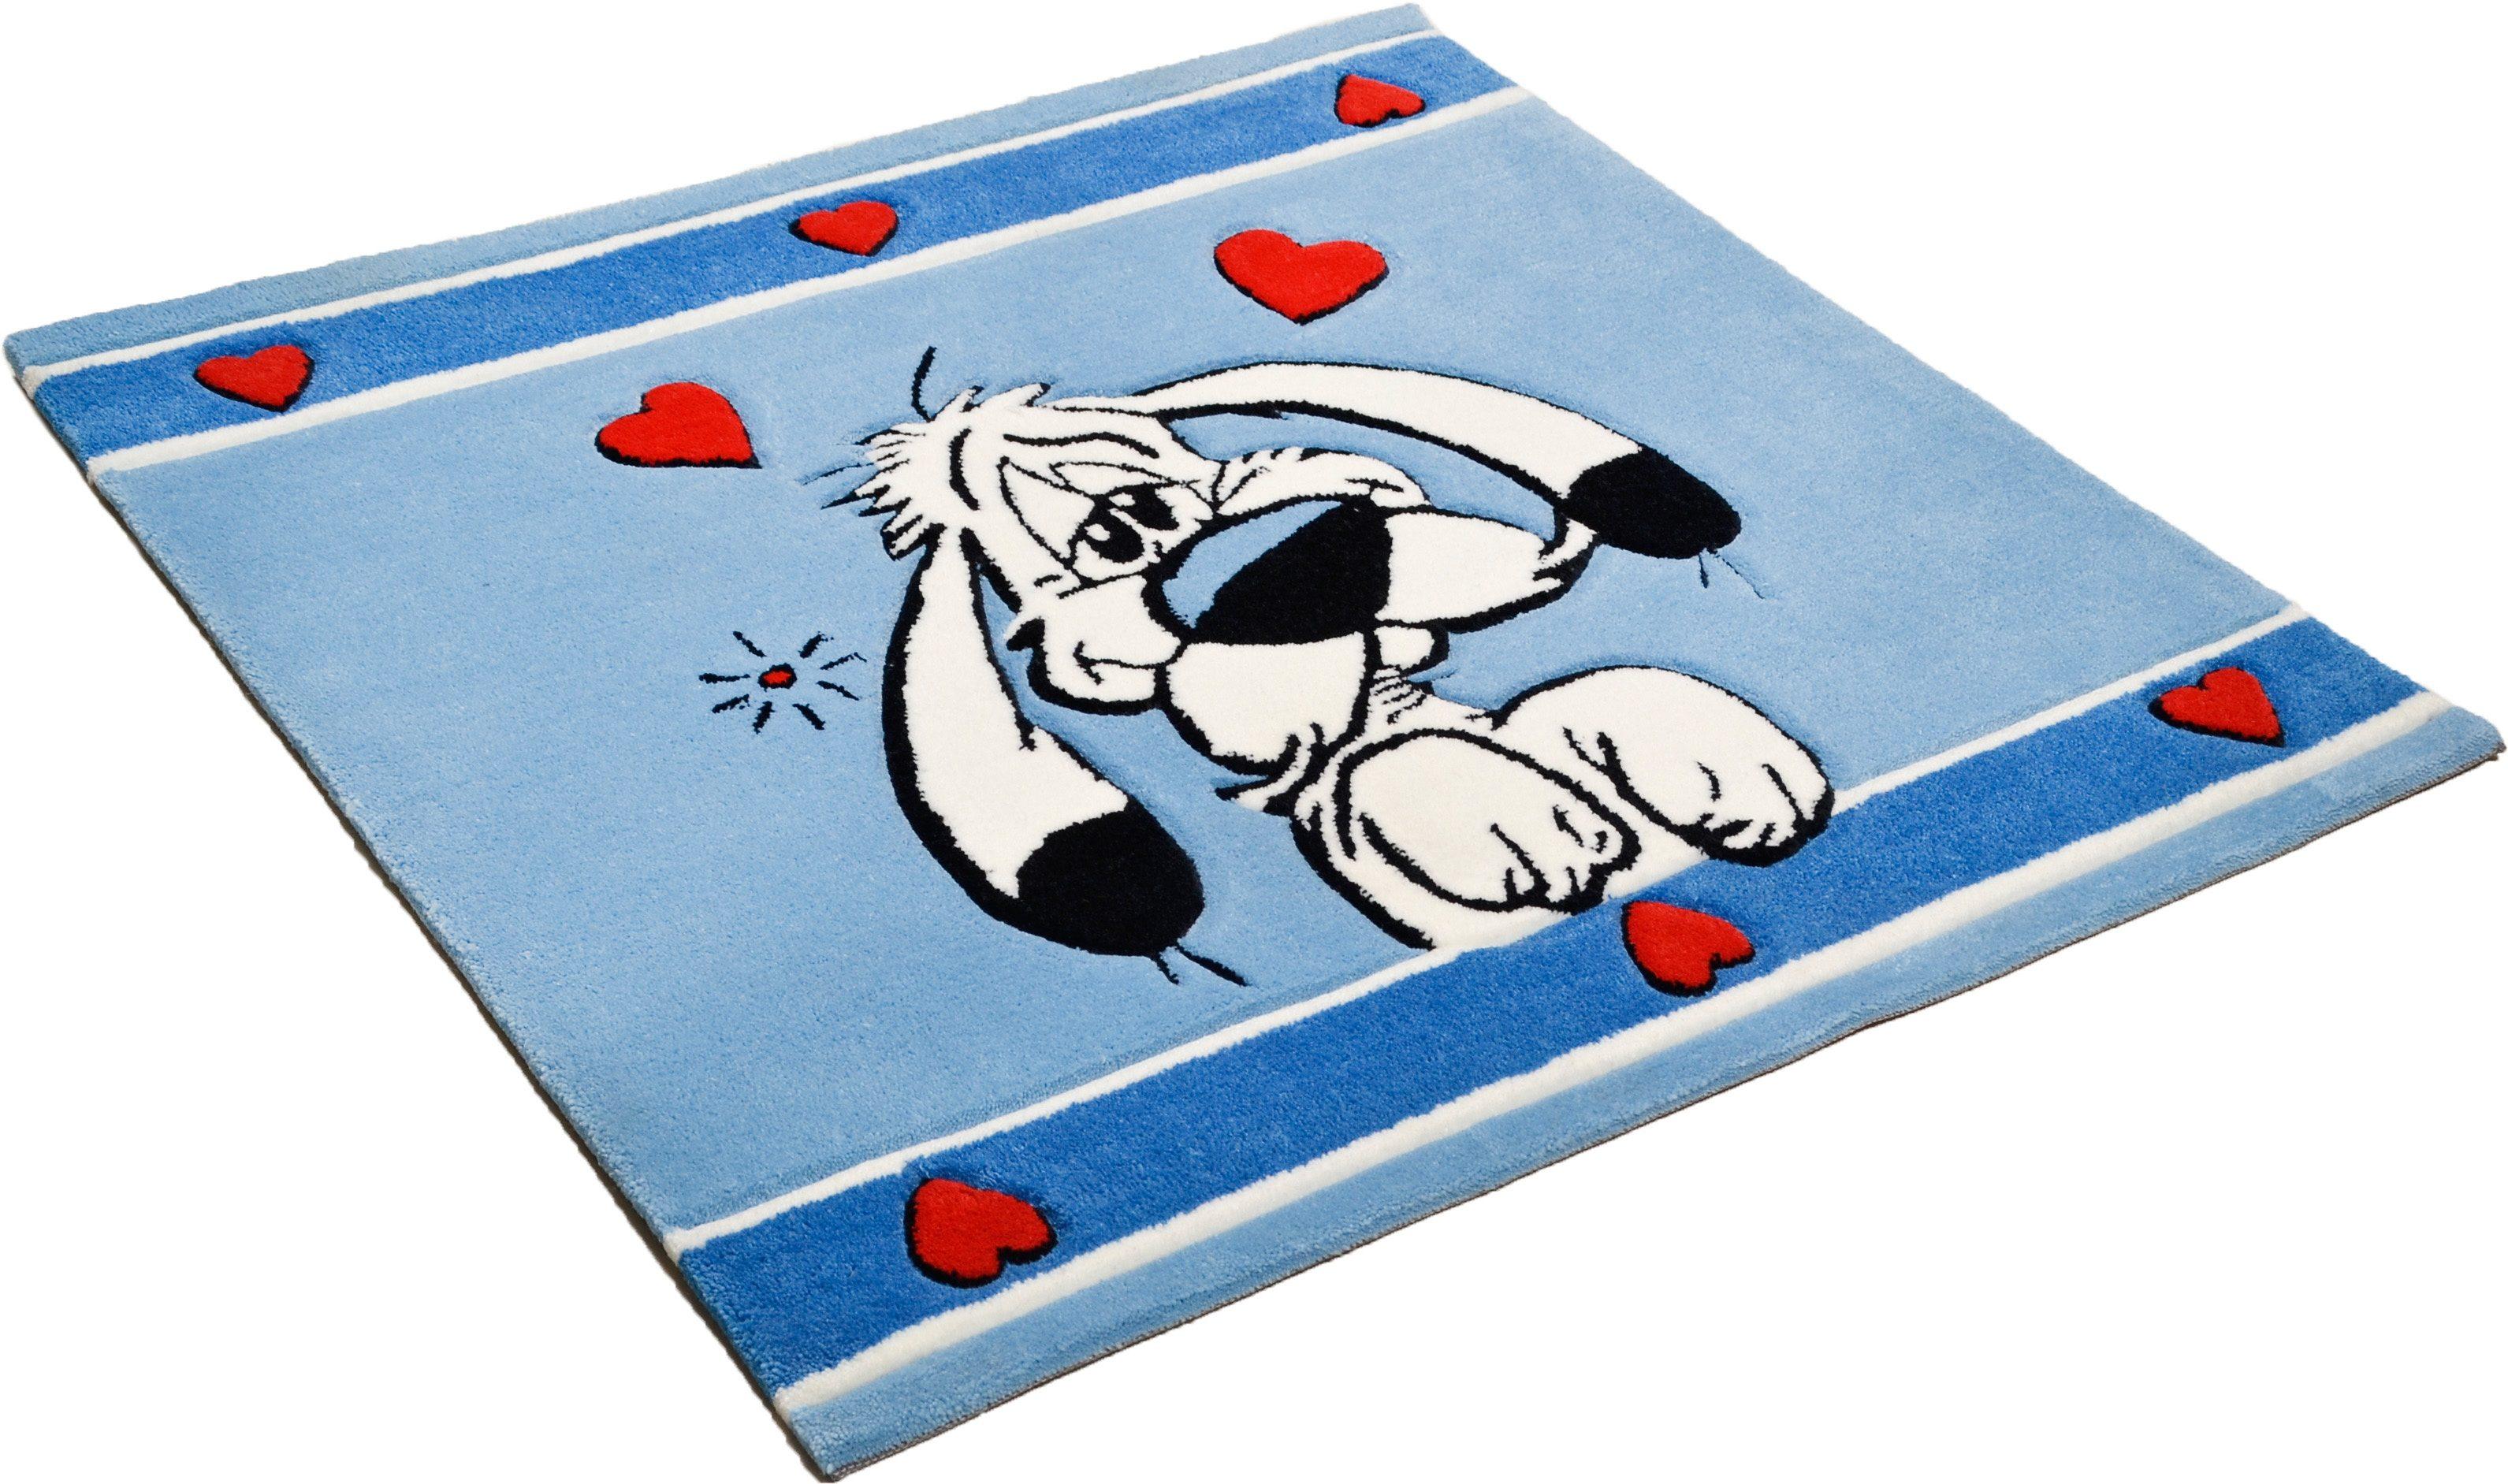 Kinder-Teppich, Asterix, »Der verliebte Idefix«, handgearbeitet